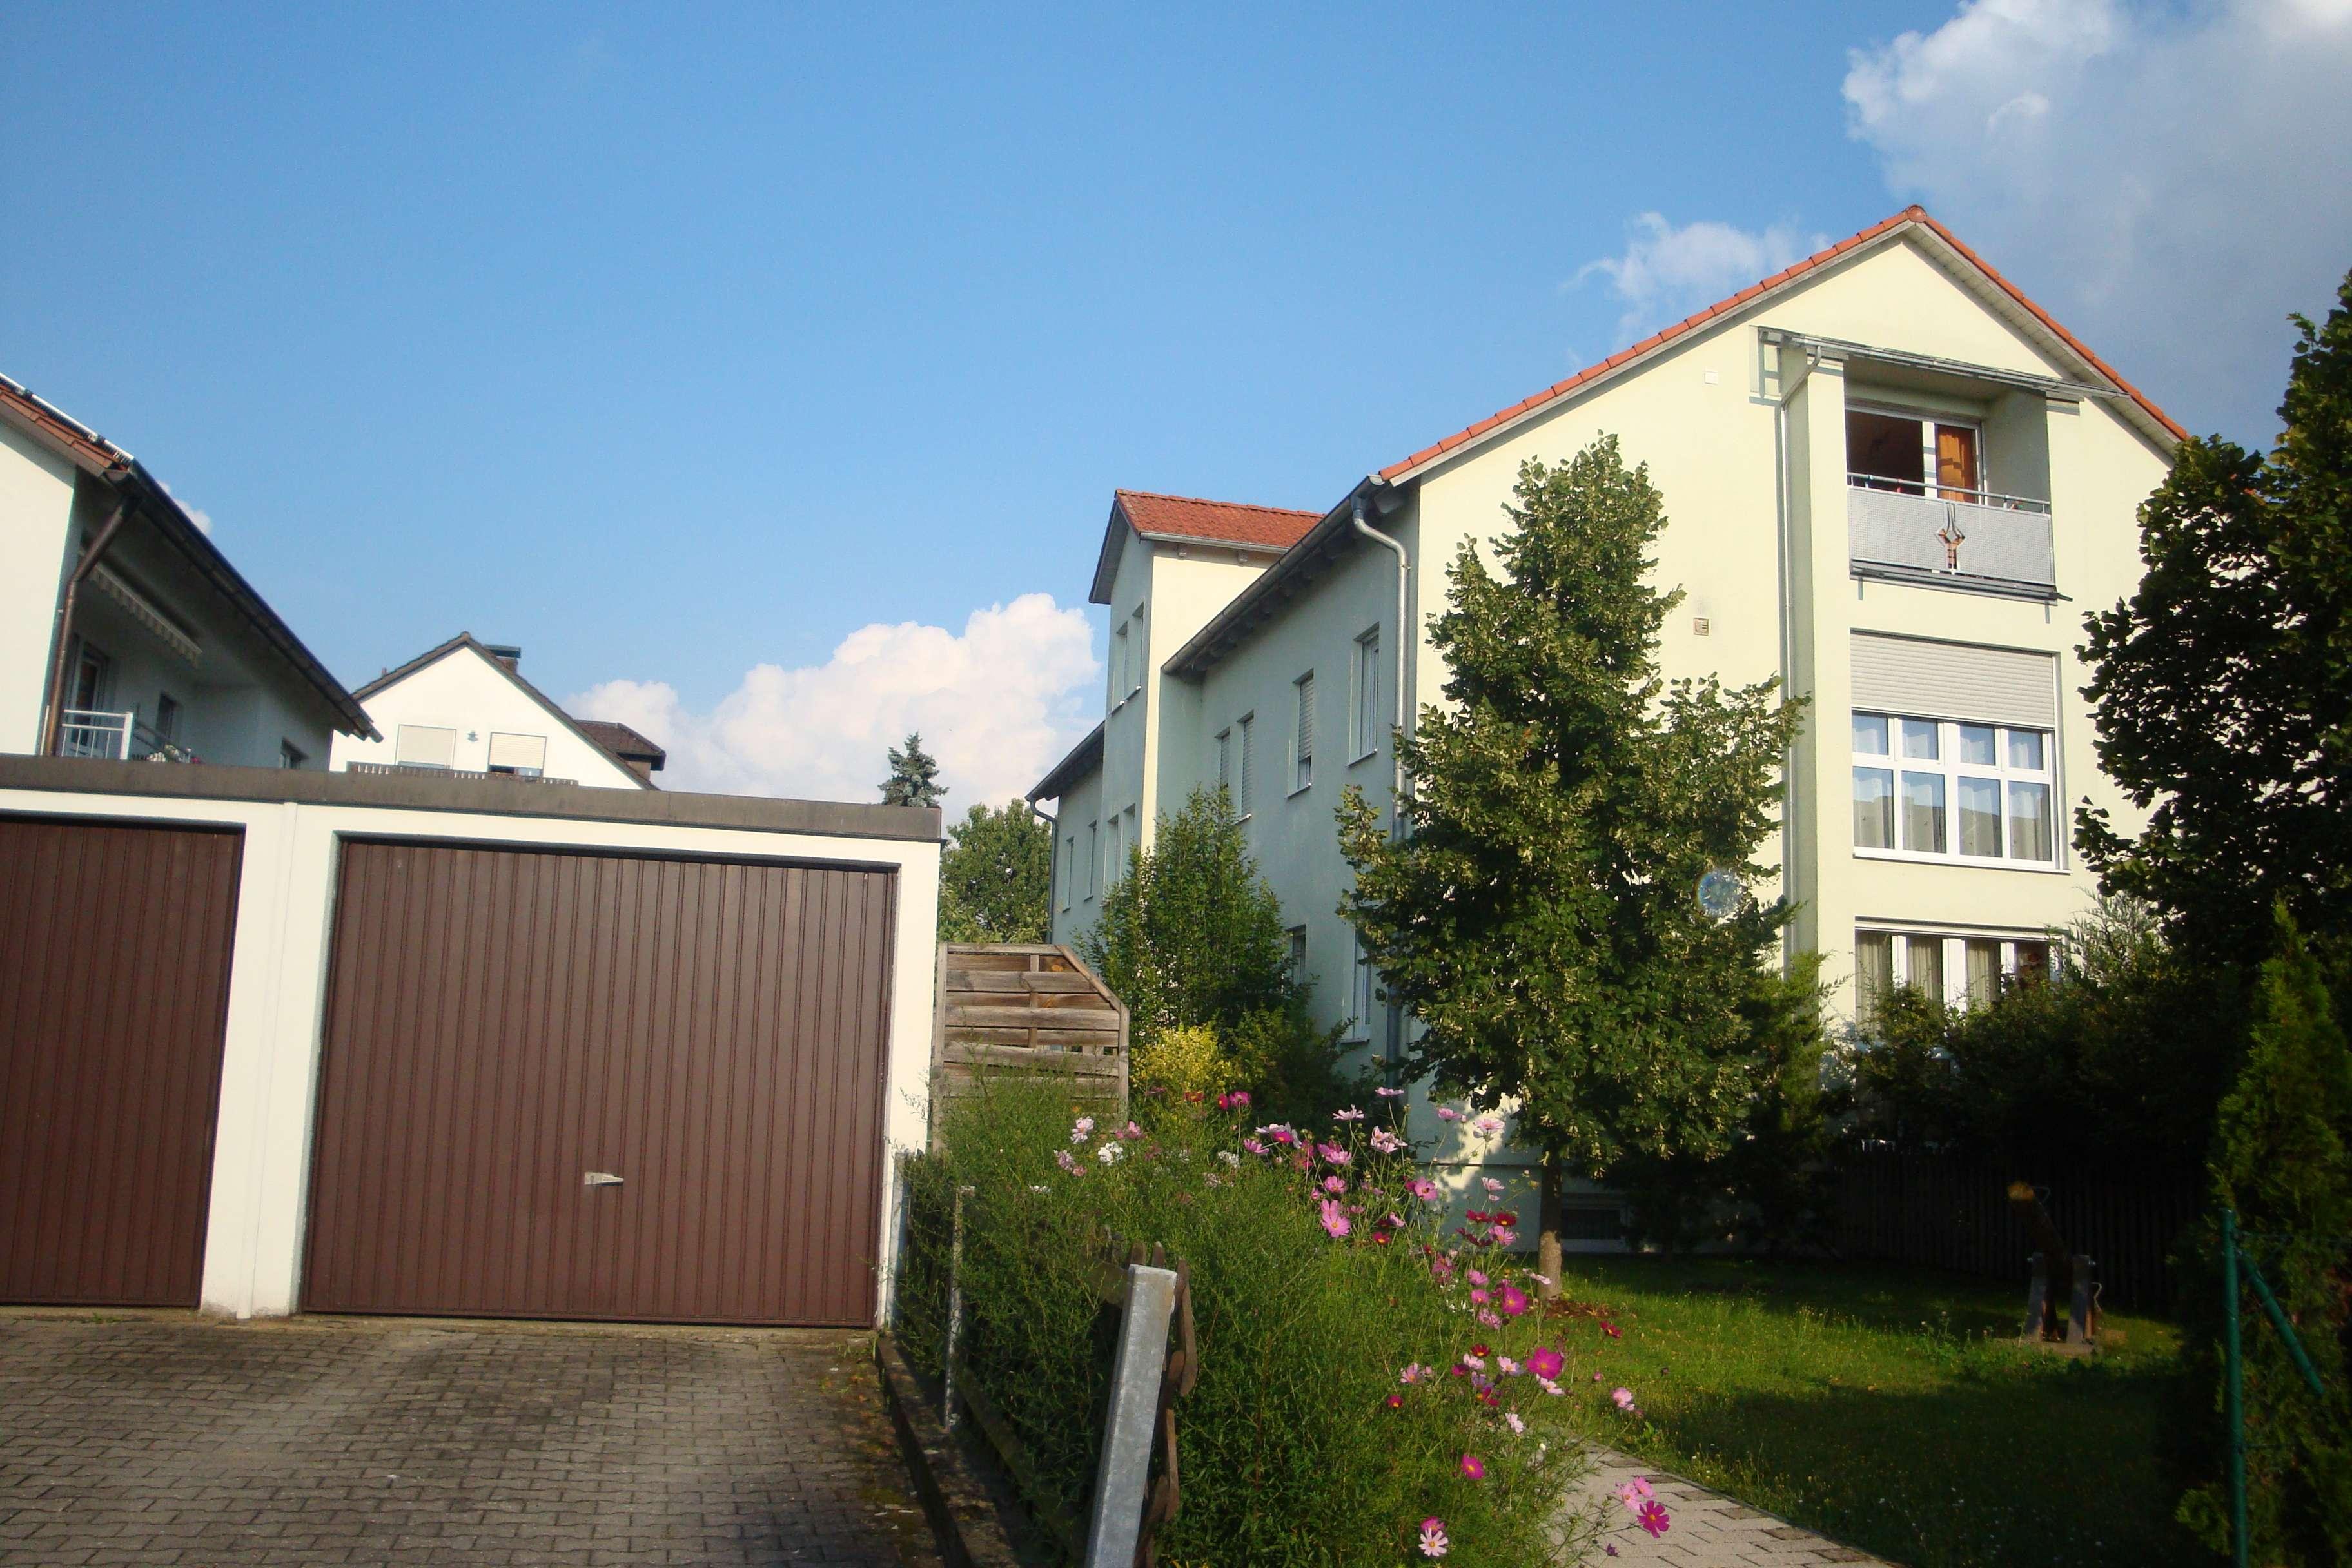 Schöne 3-Zimmer-DG-Wohnung mit Balkon in Regensburg in Reinhausen (Regensburg)